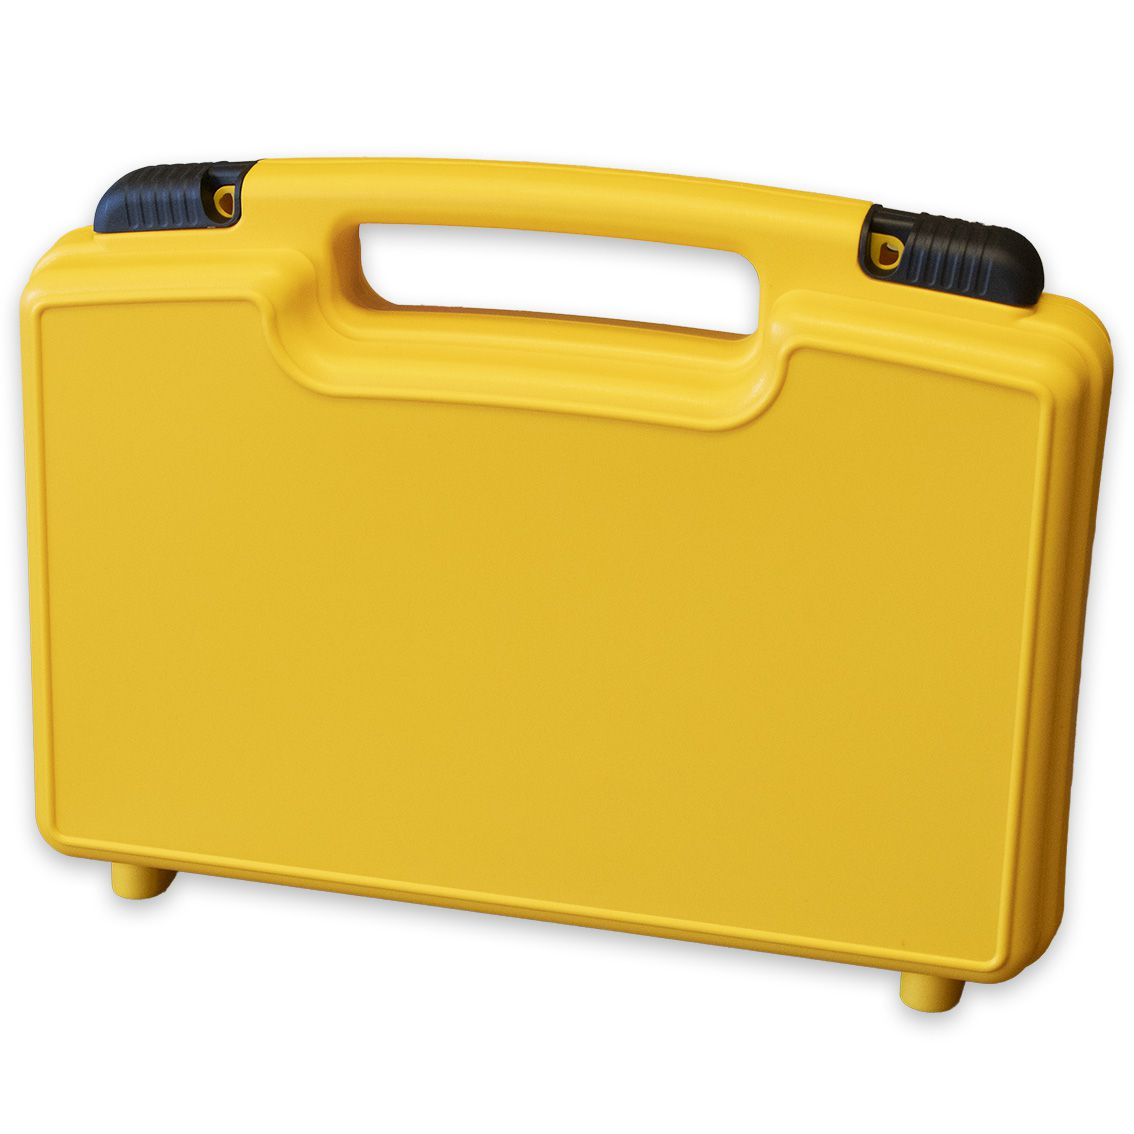 Caixa para Moscas Flypesca Boat Fly Box (35 x 26 cm)